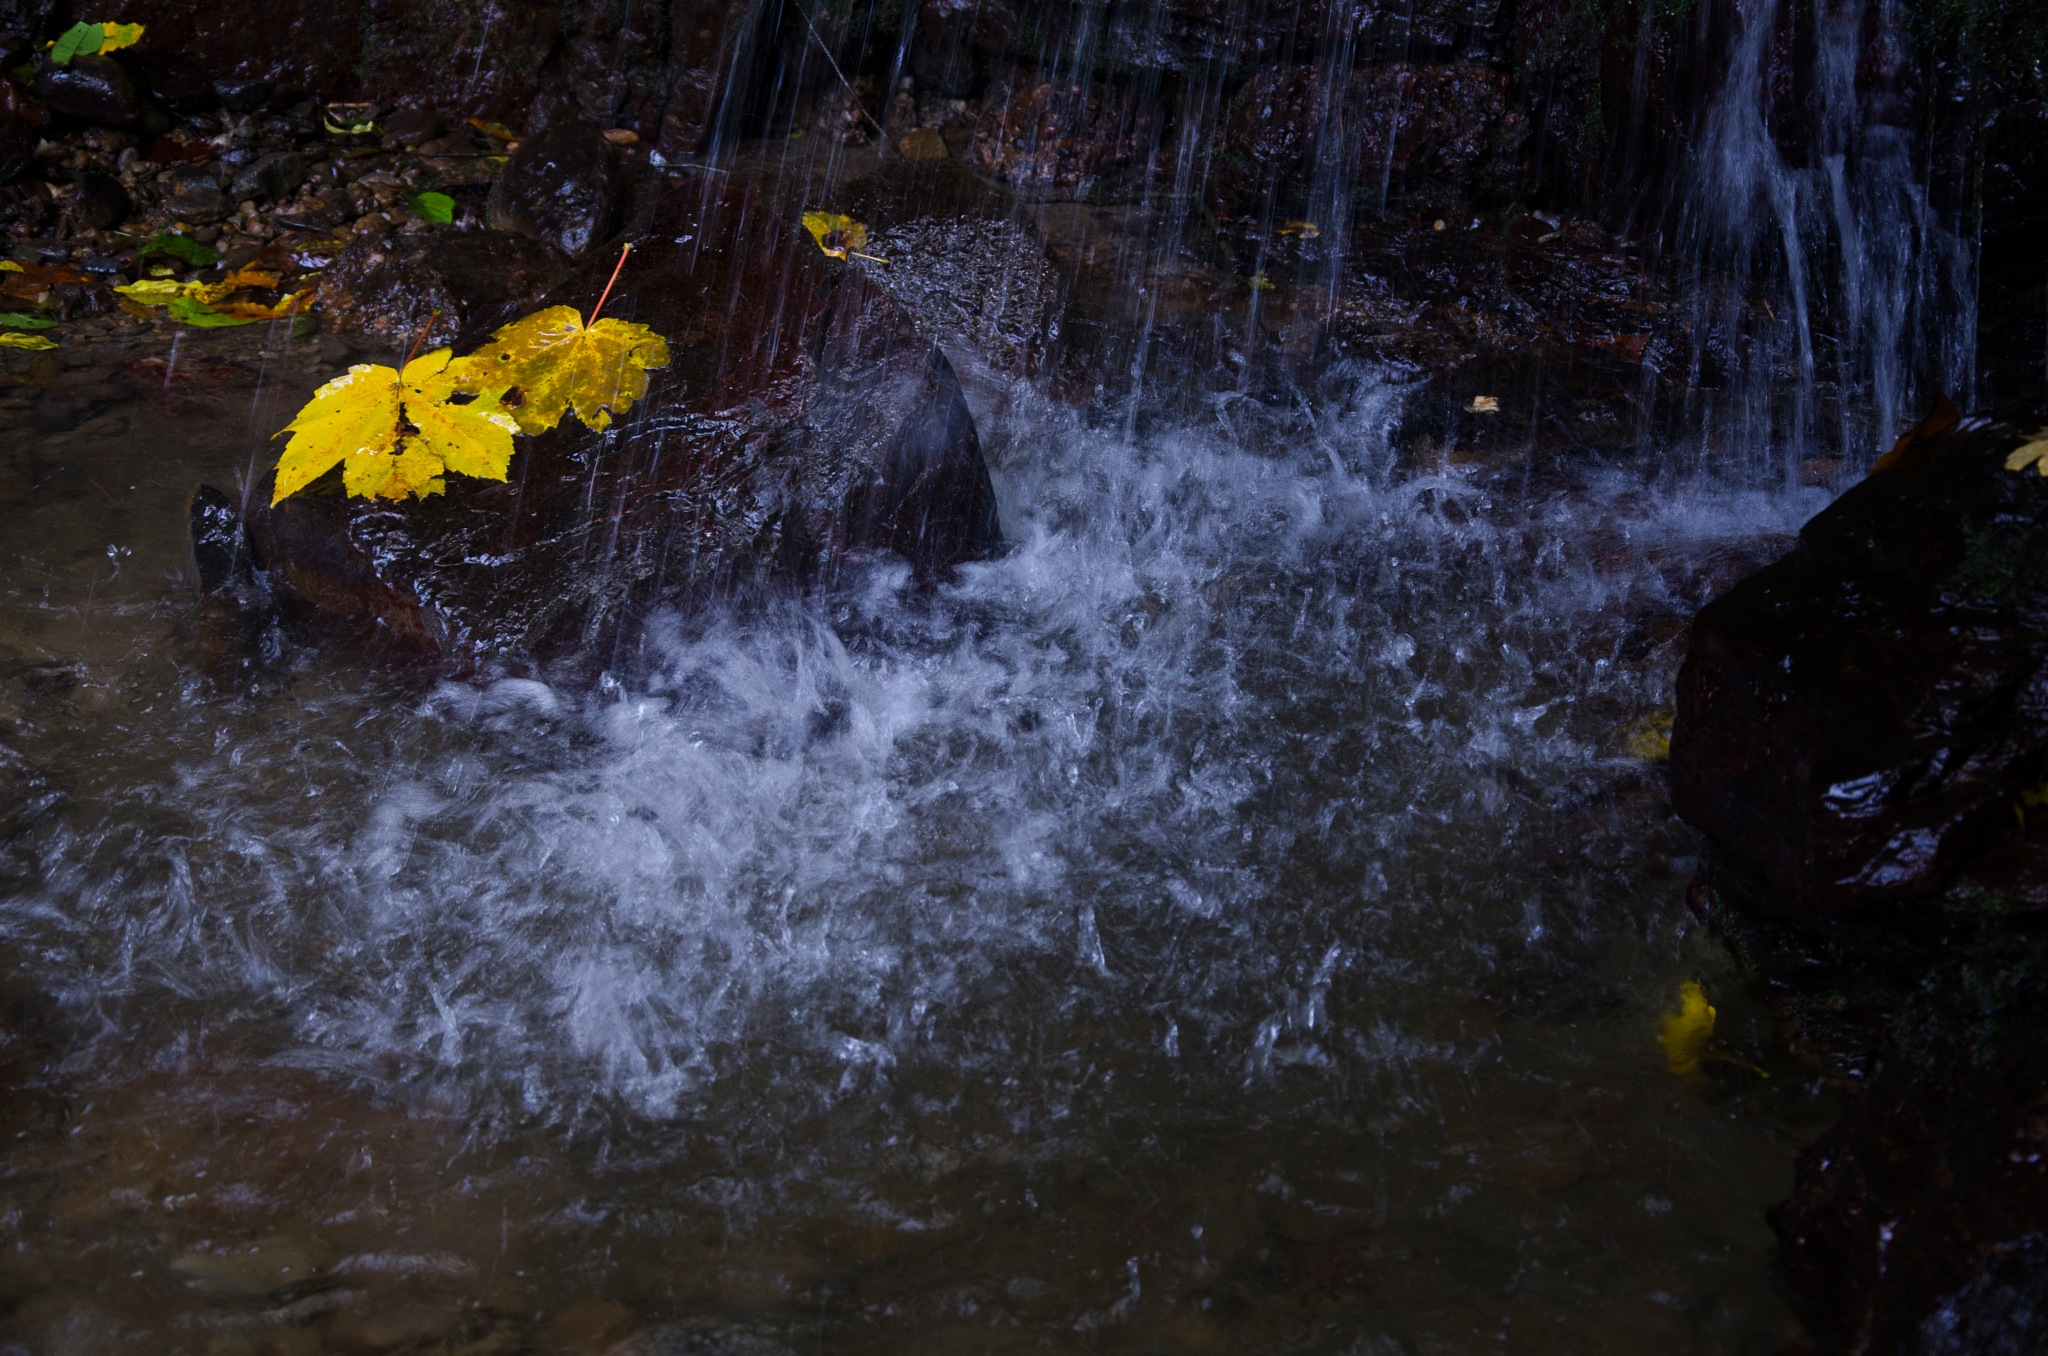 Autumn by Majid Tarighati